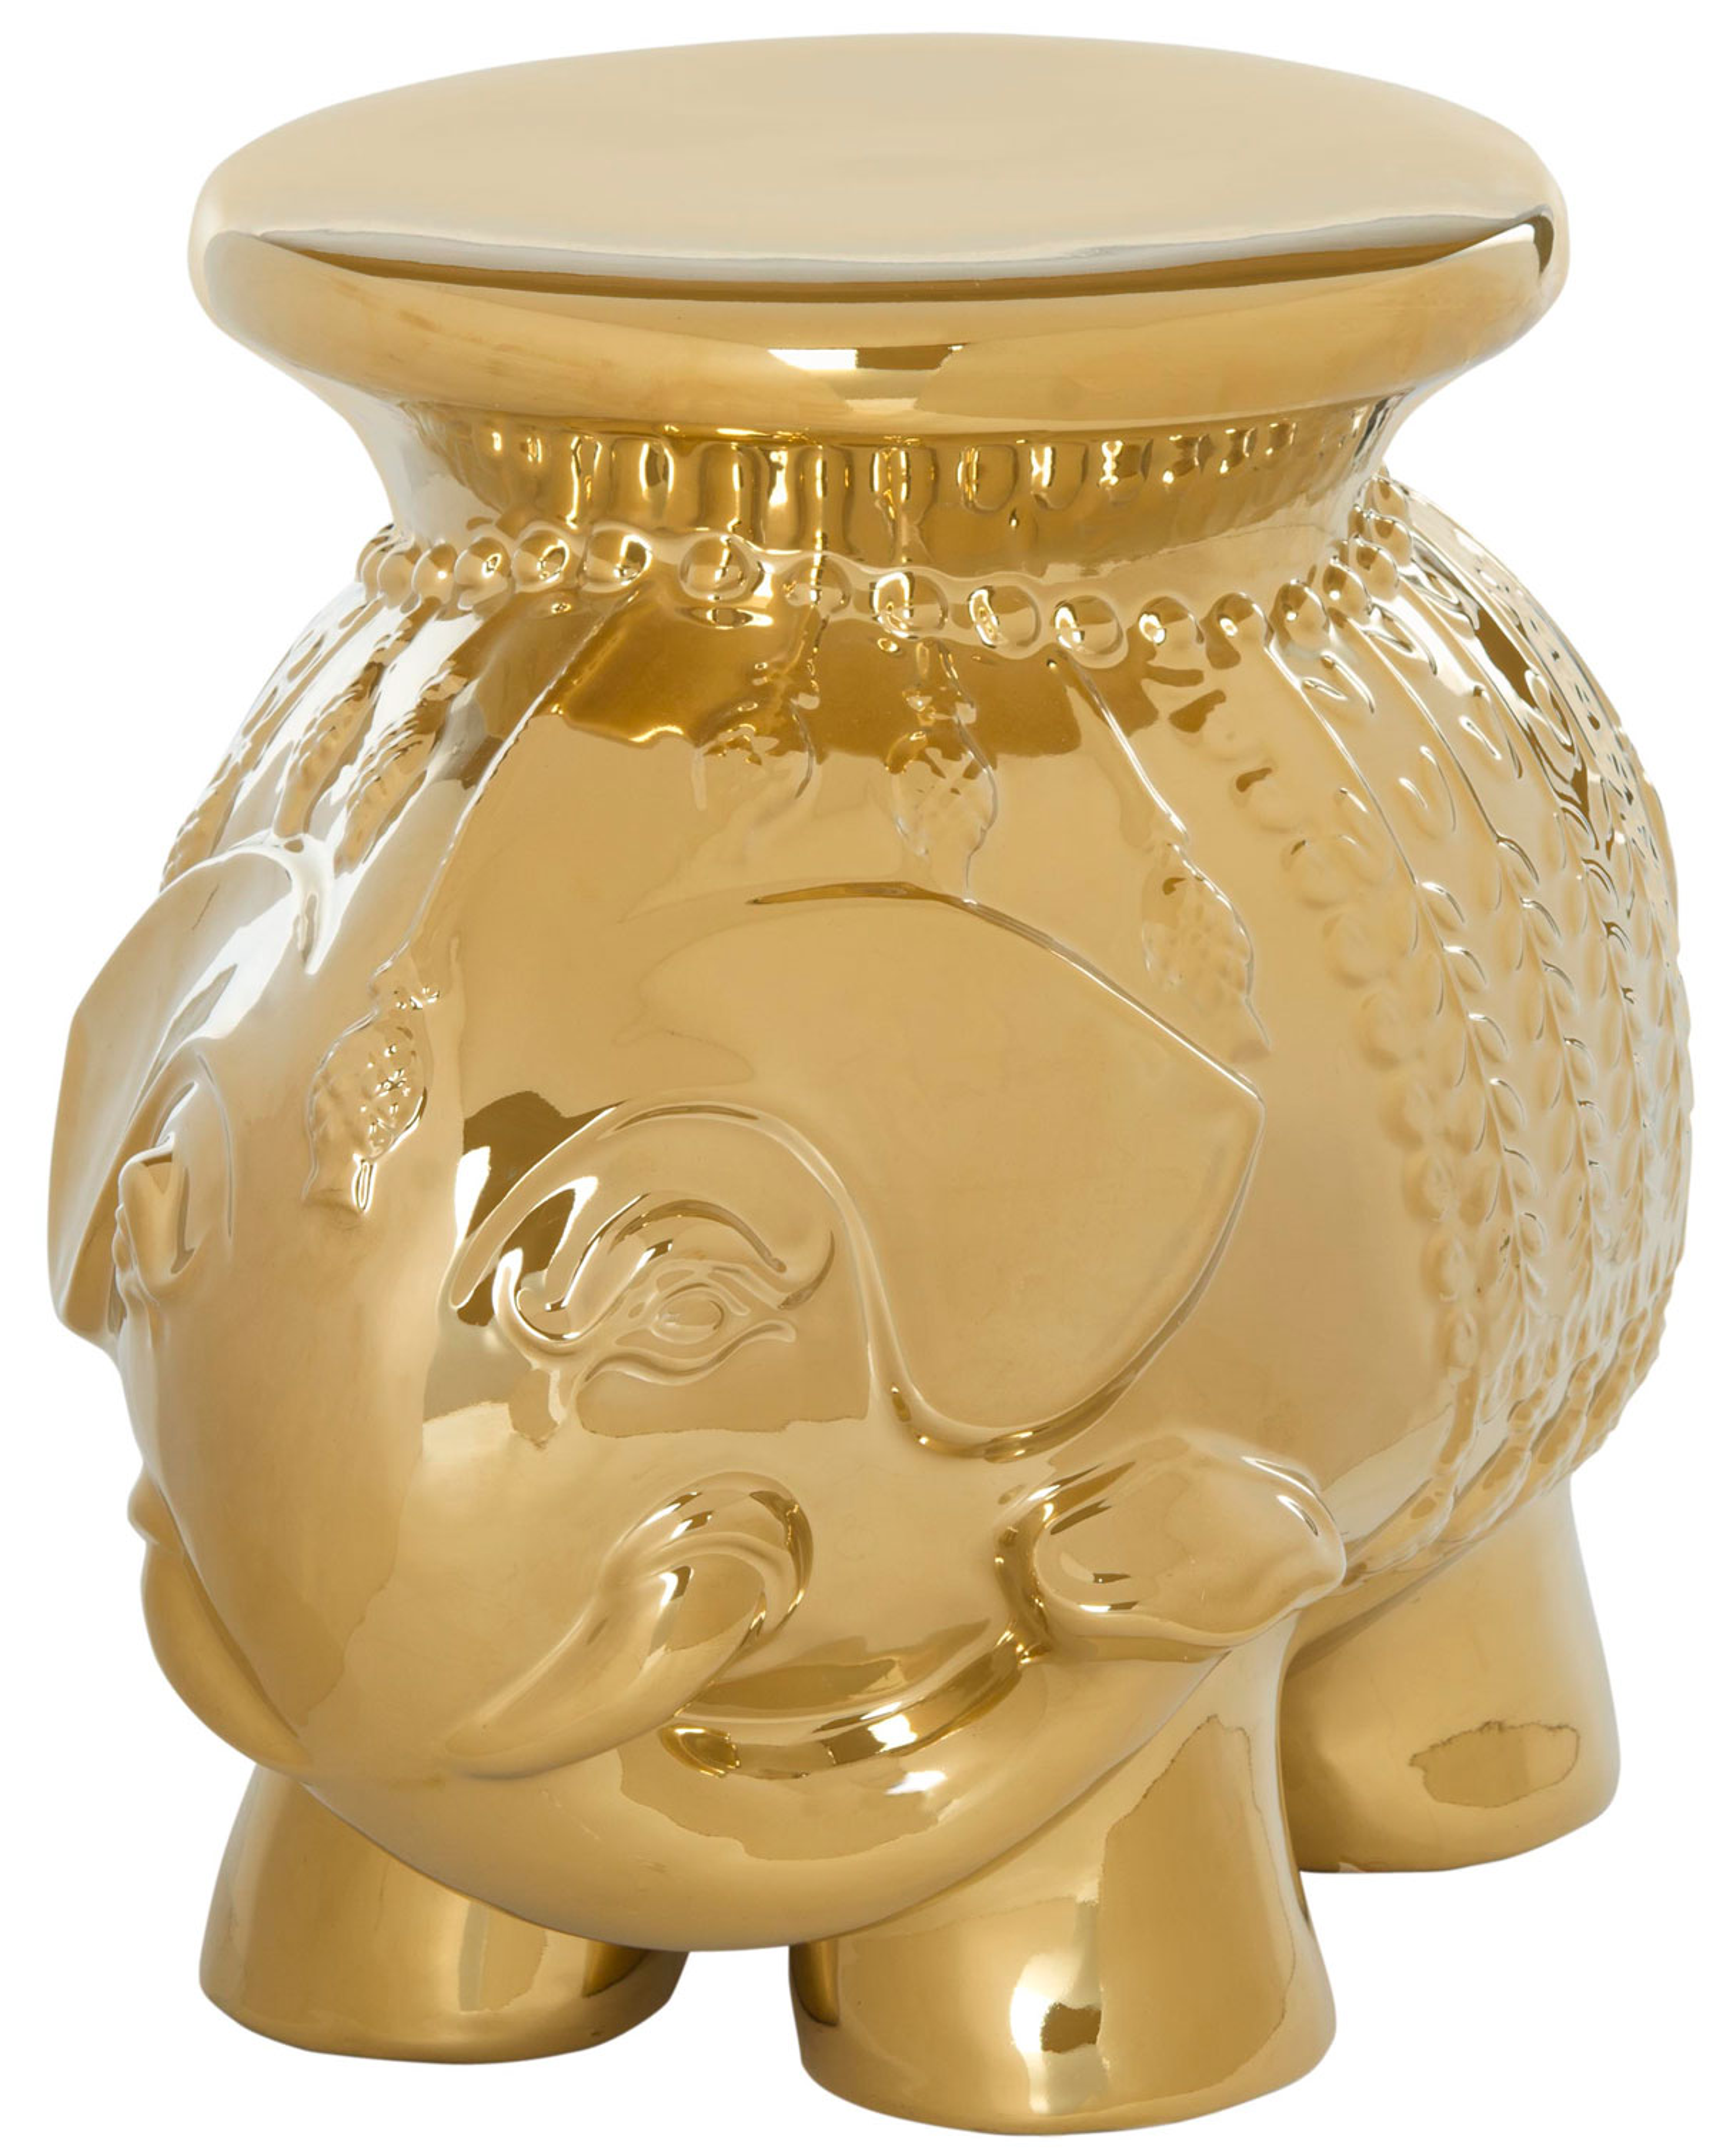 Tabouret en céramique émaillée or